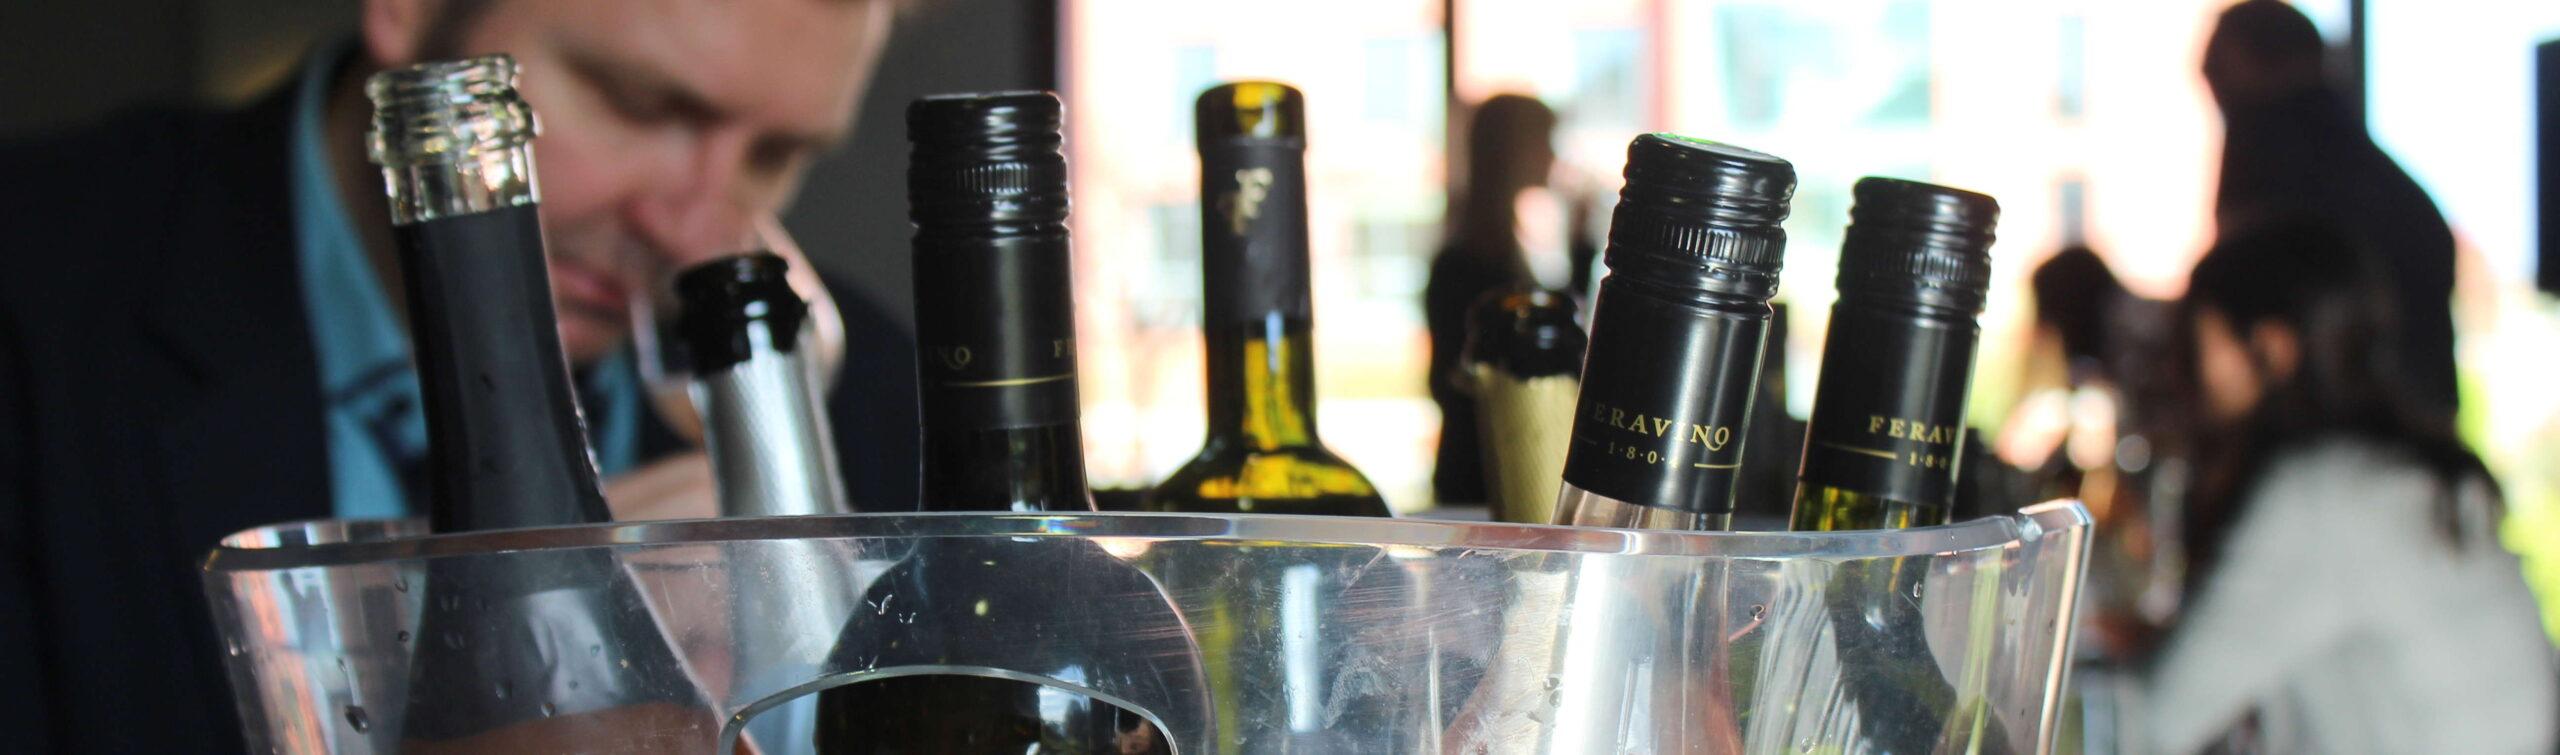 Wine Pleasures B2B Workshop in Spain mostrará la excelencia de los vinos boutique internacionalmente